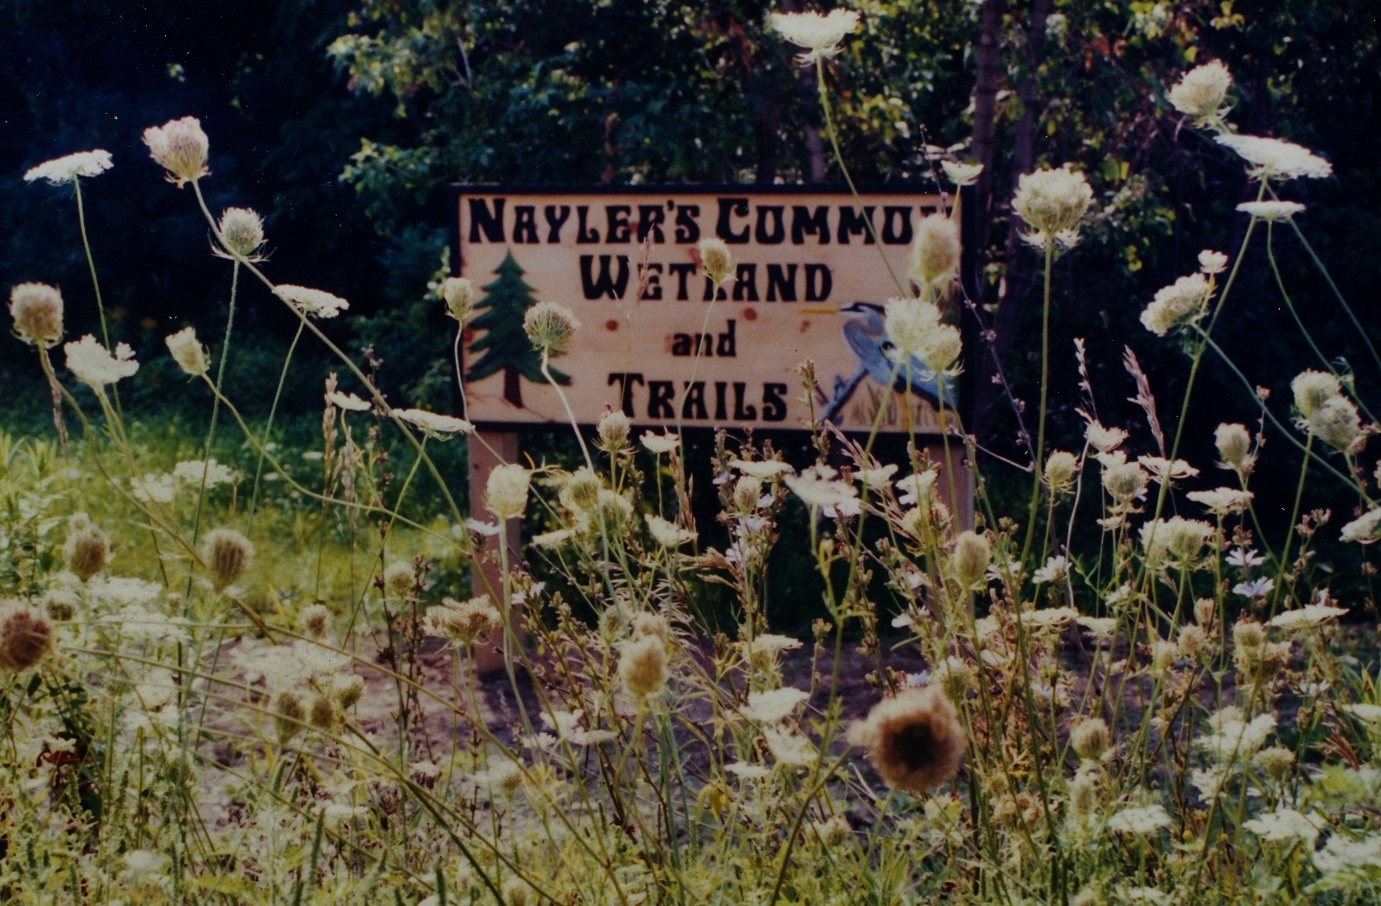 Nayler's Common (2).jpg